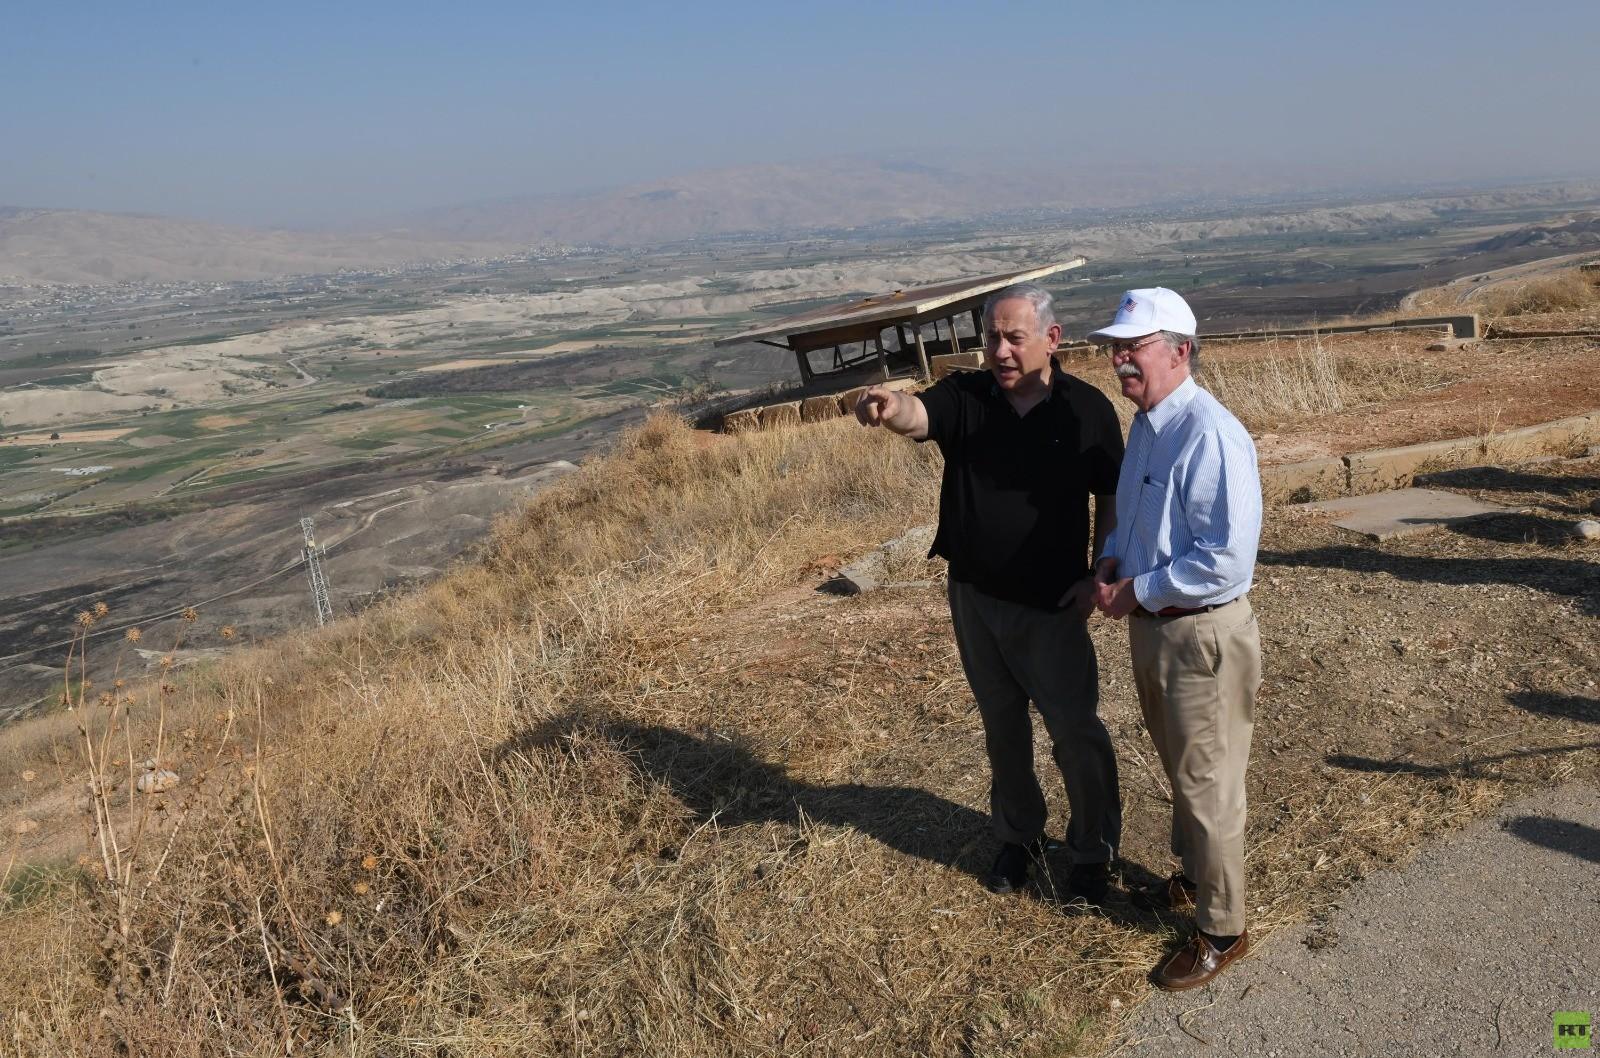 نتنياهو يصطحب بولتون بجولة في غور الأردن ويدعوه لزيارة الجولان (صور+ فيديو)